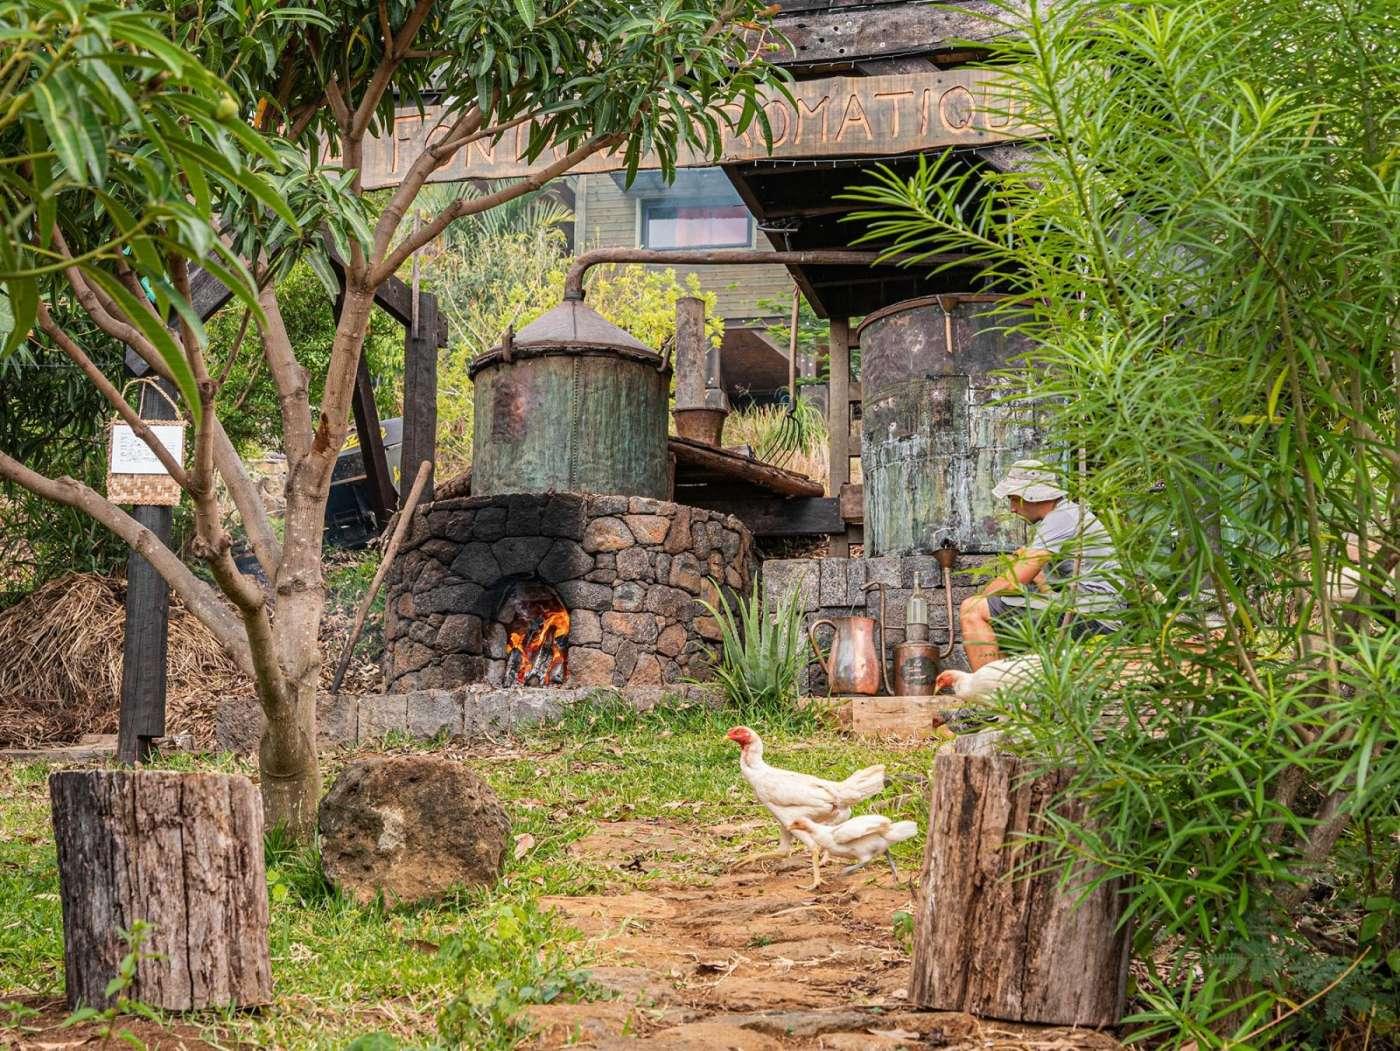 La fontaine aromatique : fabrication artisanale d'huiles essentielles à saint-leu 974